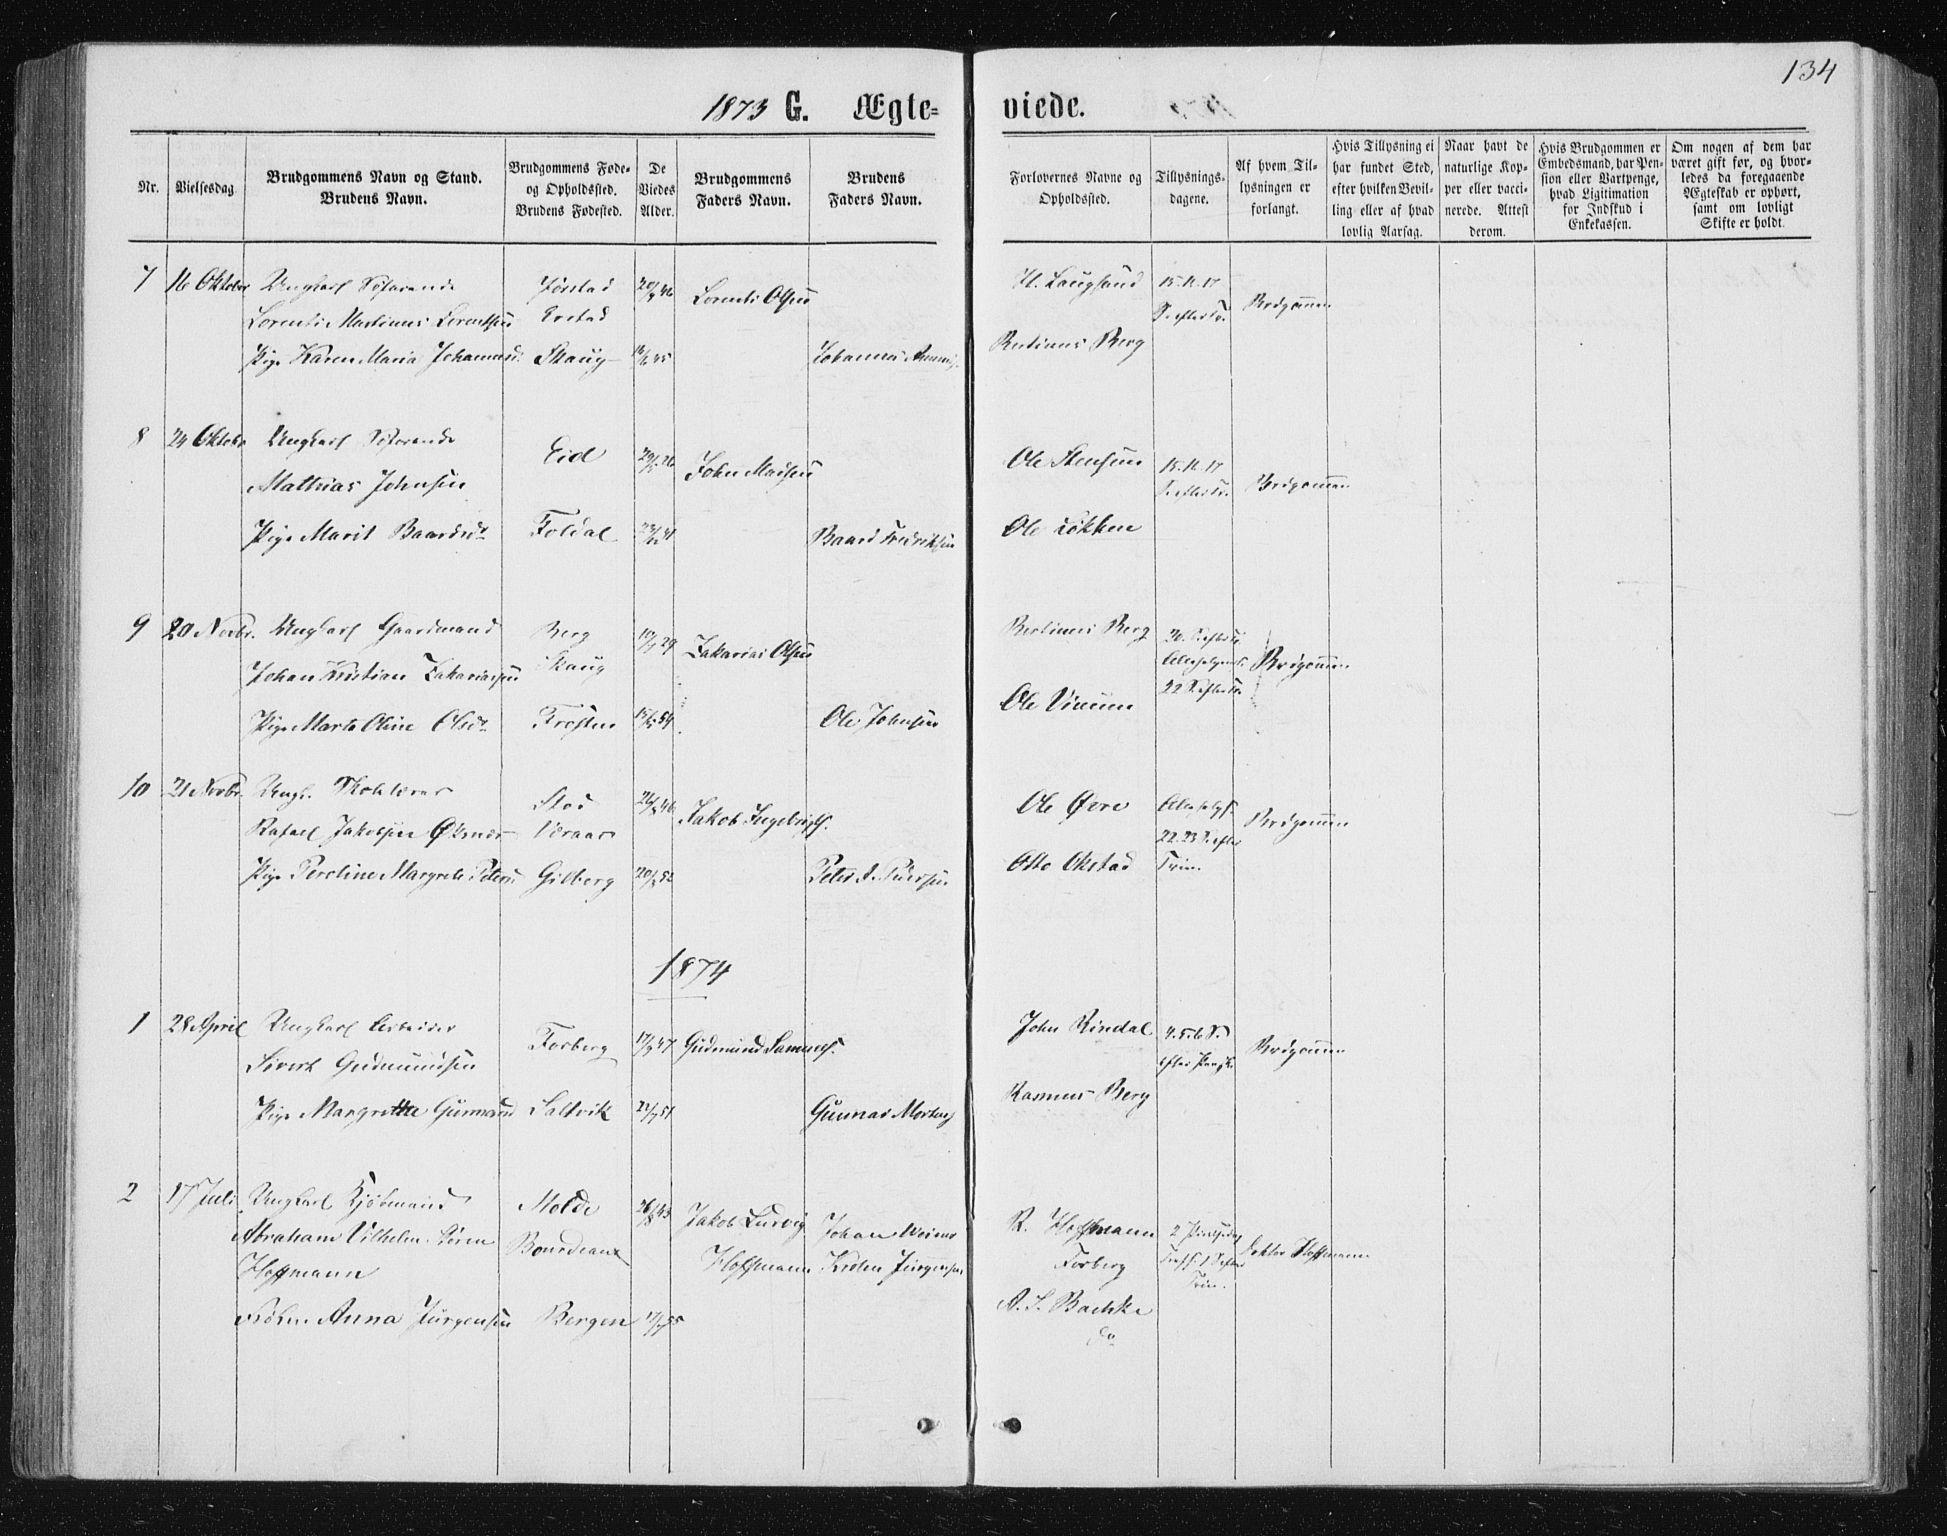 SAT, Ministerialprotokoller, klokkerbøker og fødselsregistre - Nord-Trøndelag, 722/L0219: Ministerialbok nr. 722A06, 1868-1880, s. 134